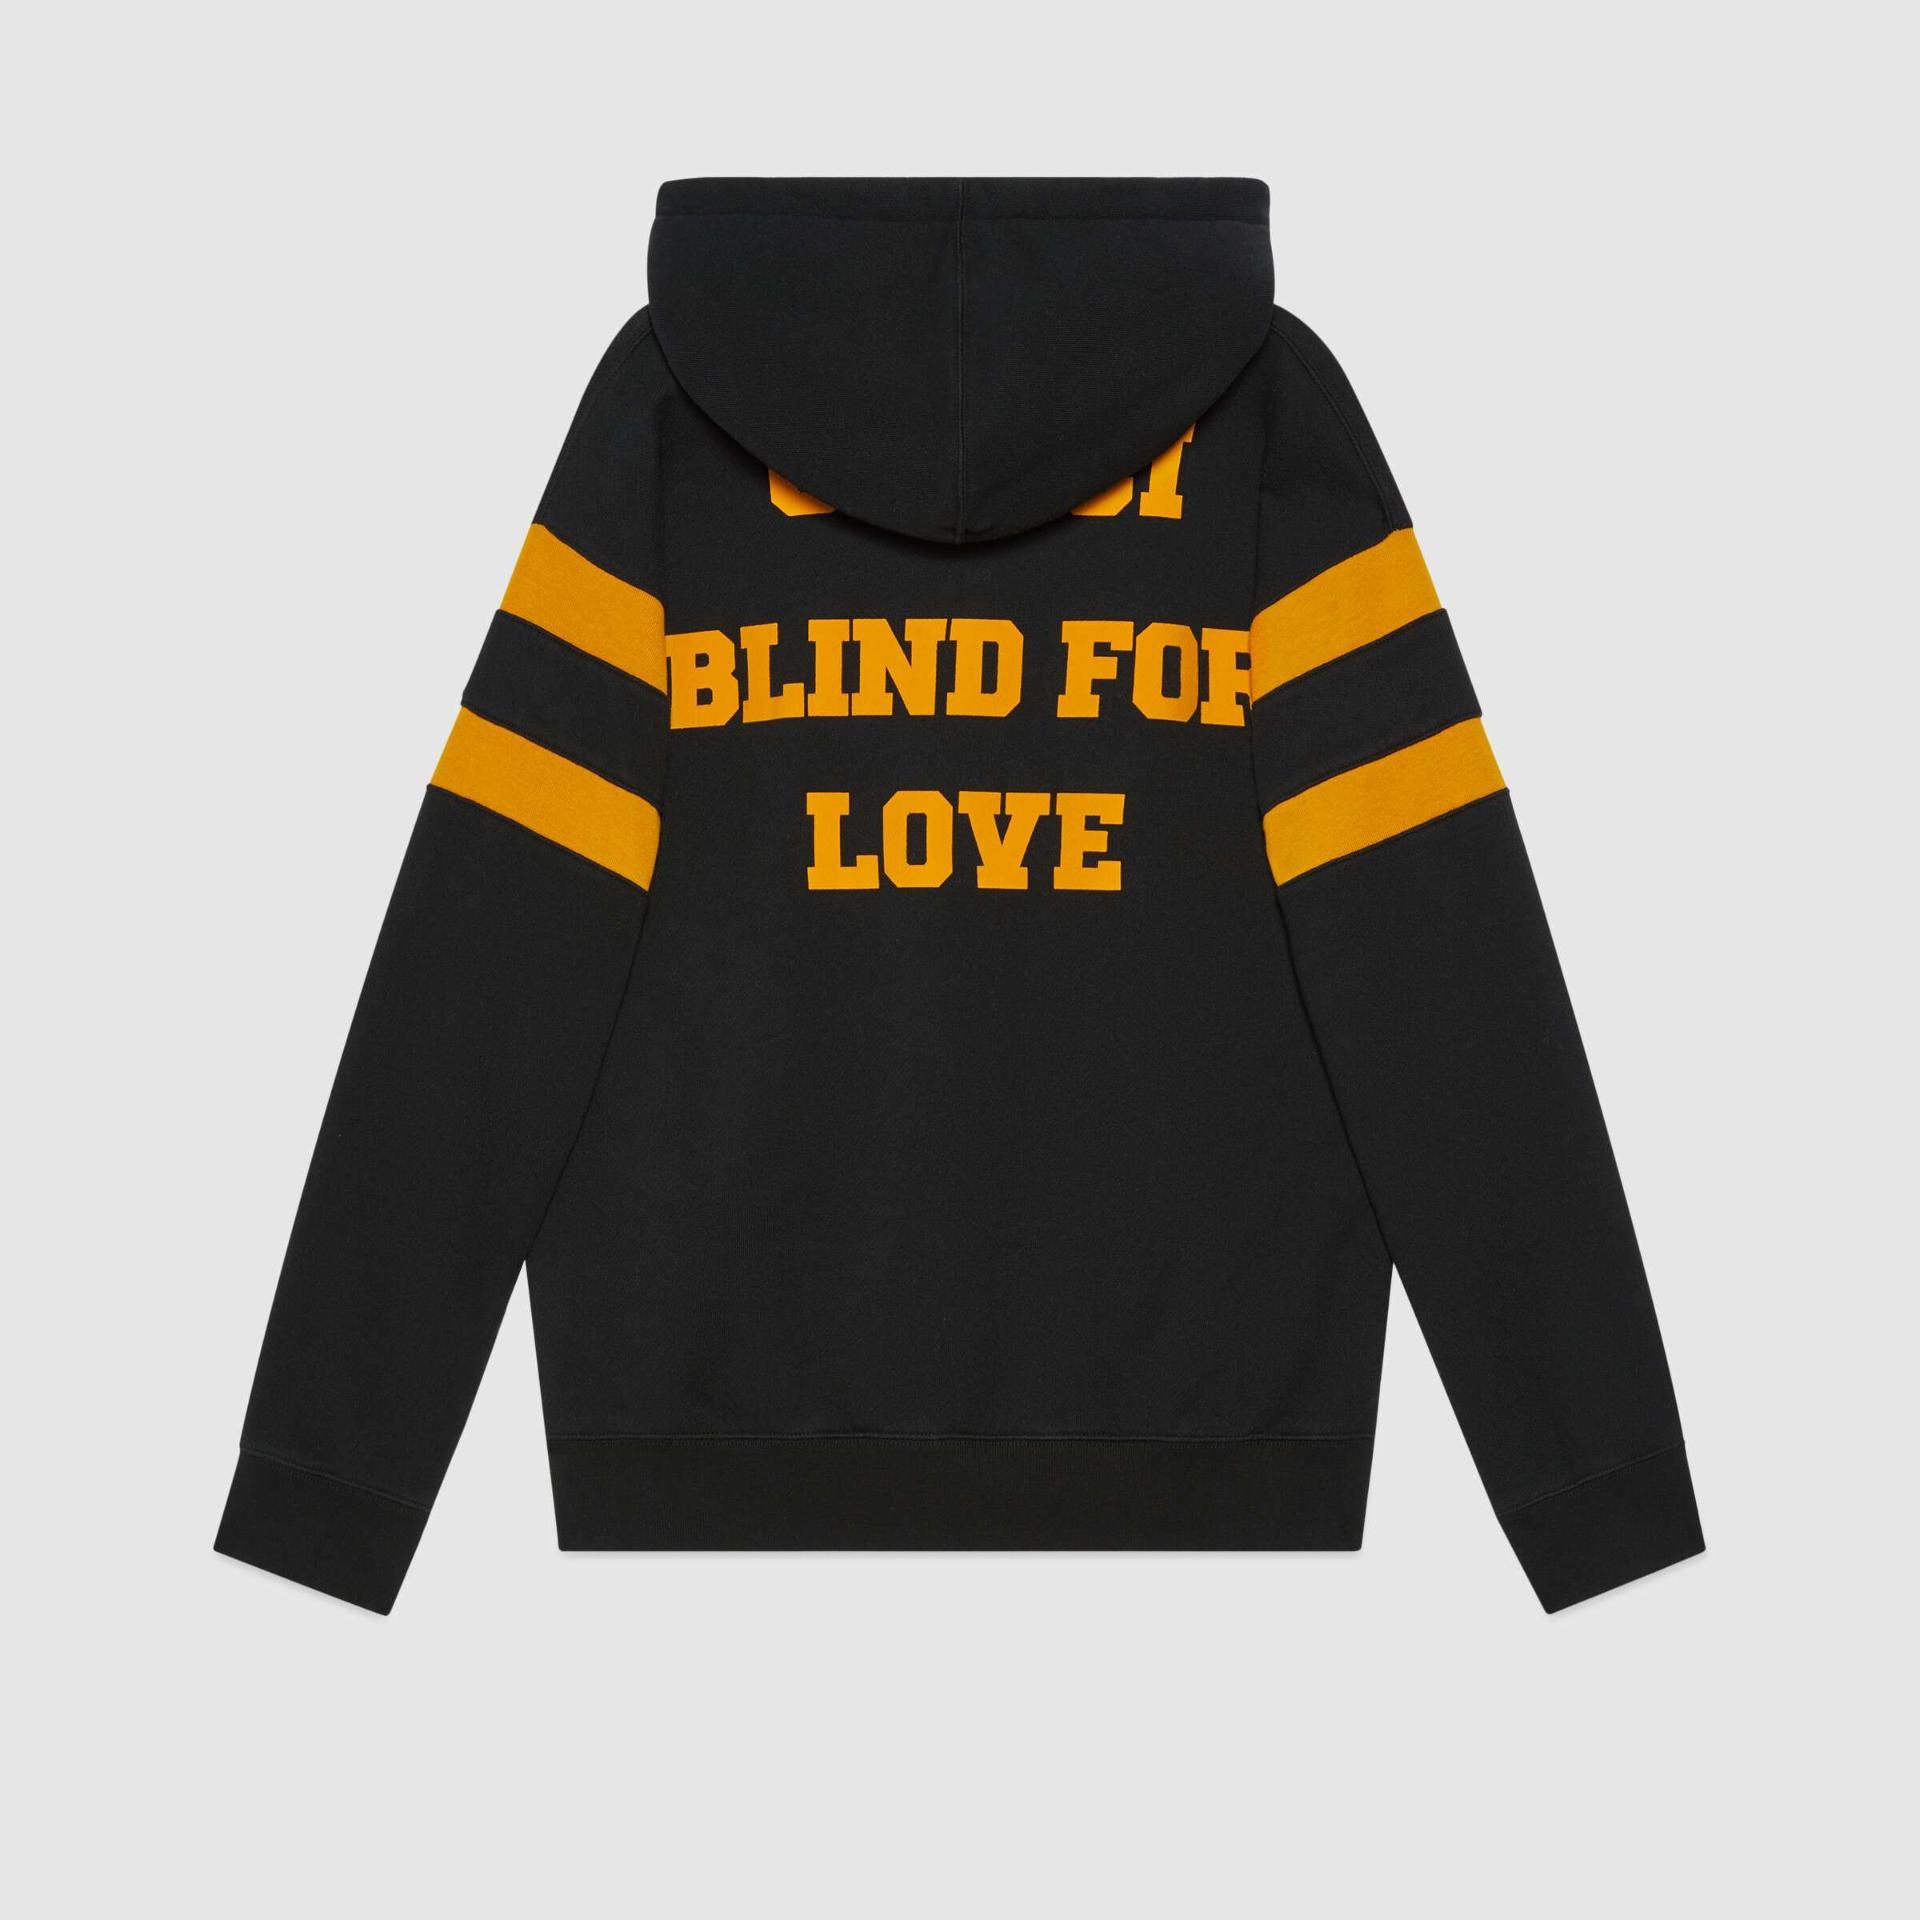 유럽직배송 구찌 GUCCI Gucci - Sweatshirt with '25 Gucci Eschatology and Blind for Love 1921 ' print 660282XJDJD1060